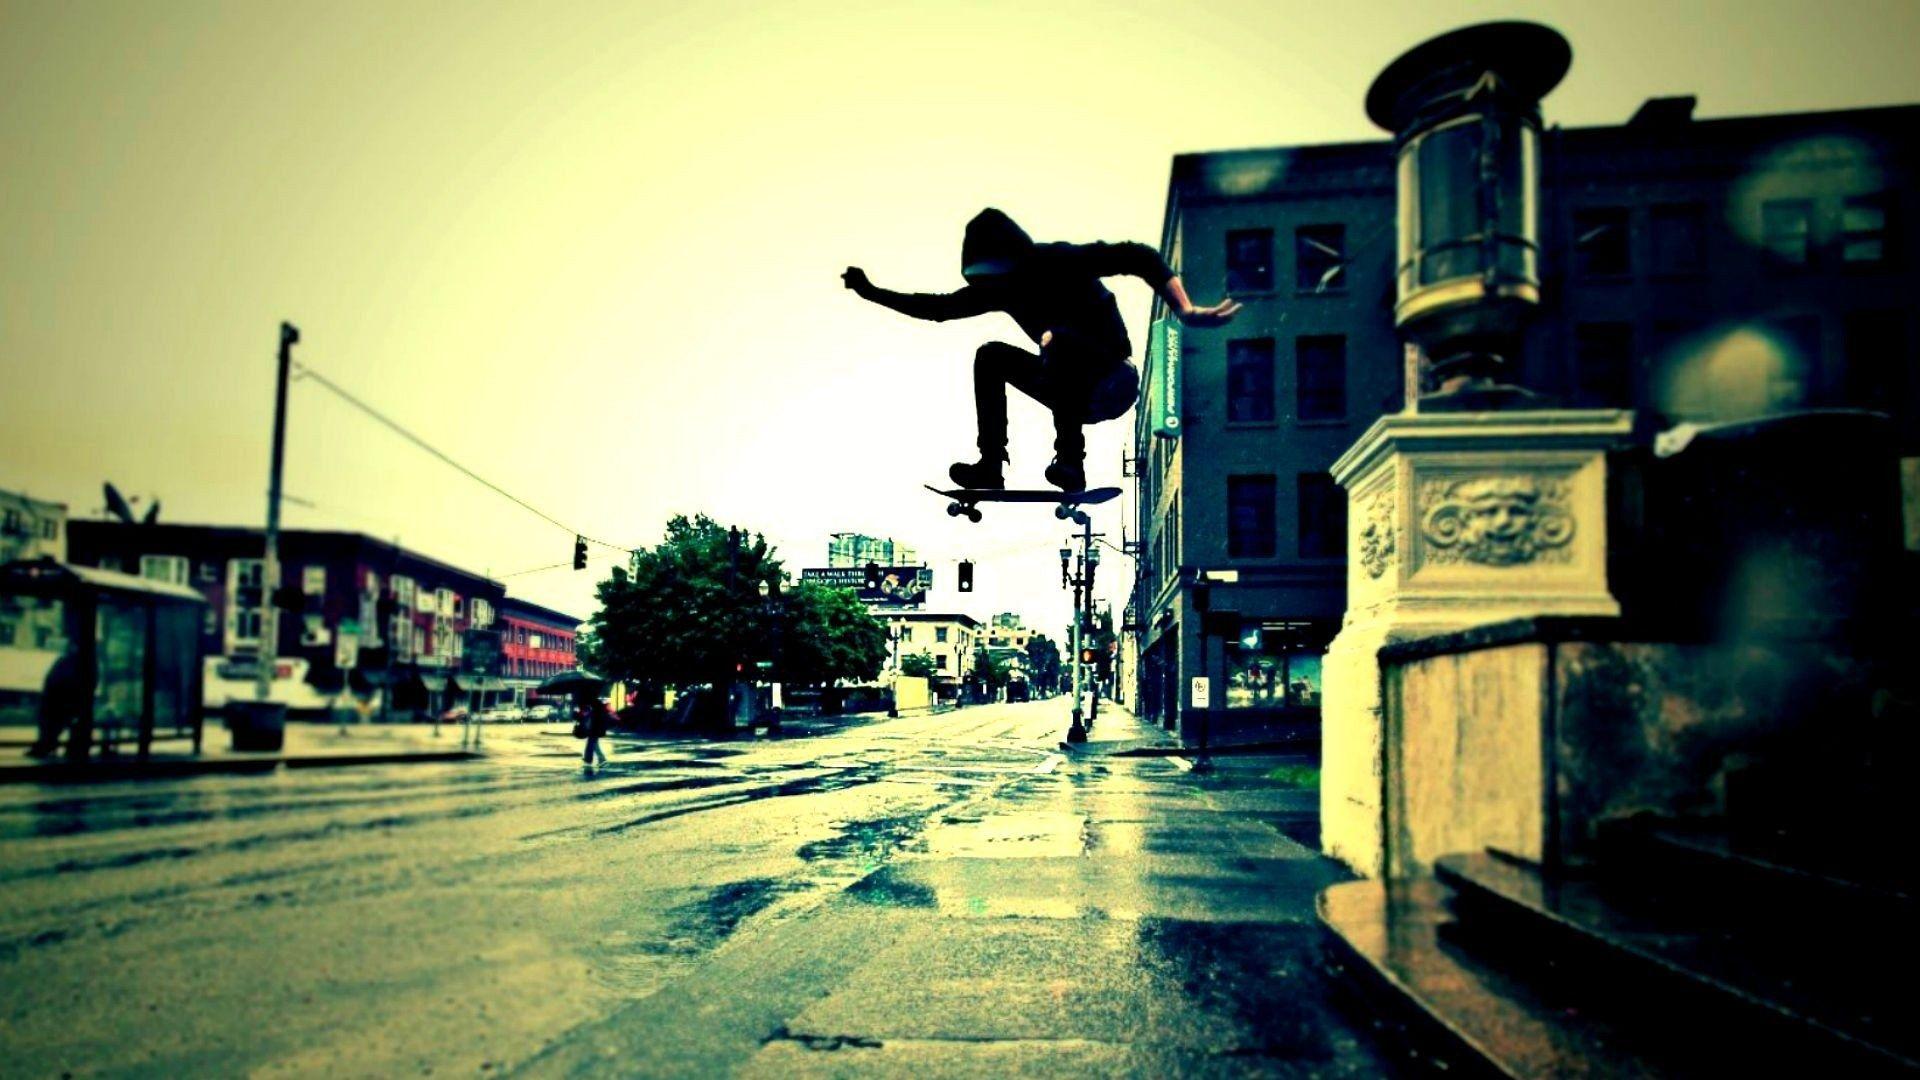 Skateboard Wallpaper Hd Picture